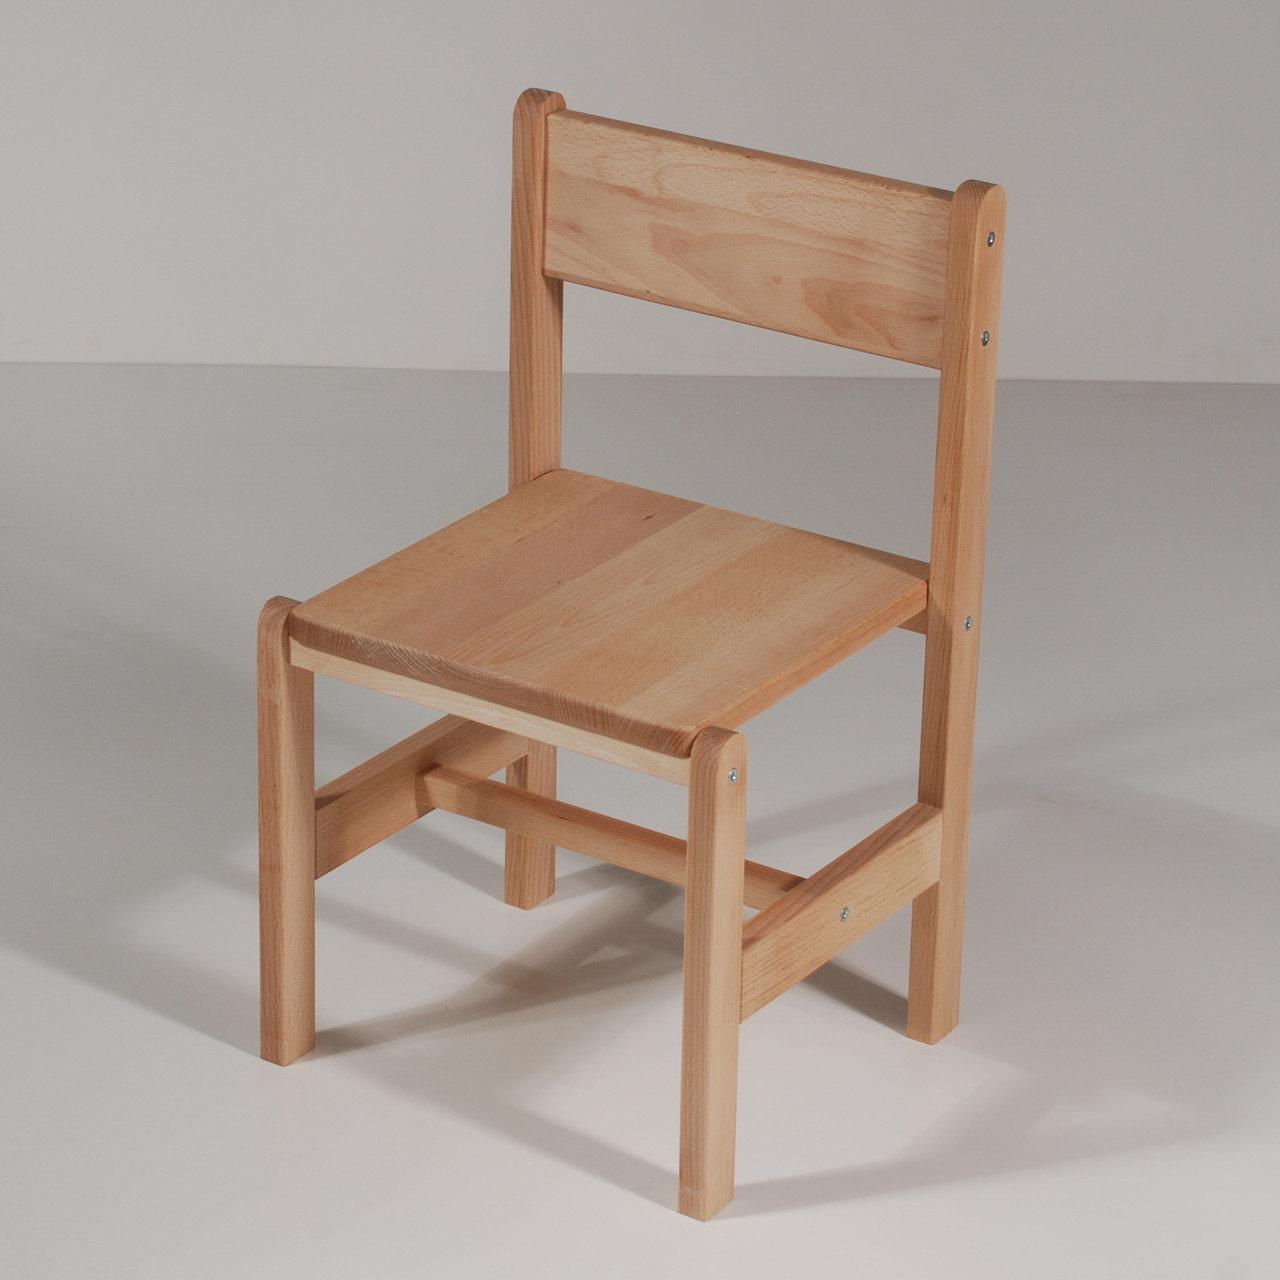 детский деревянный стульчик идеи